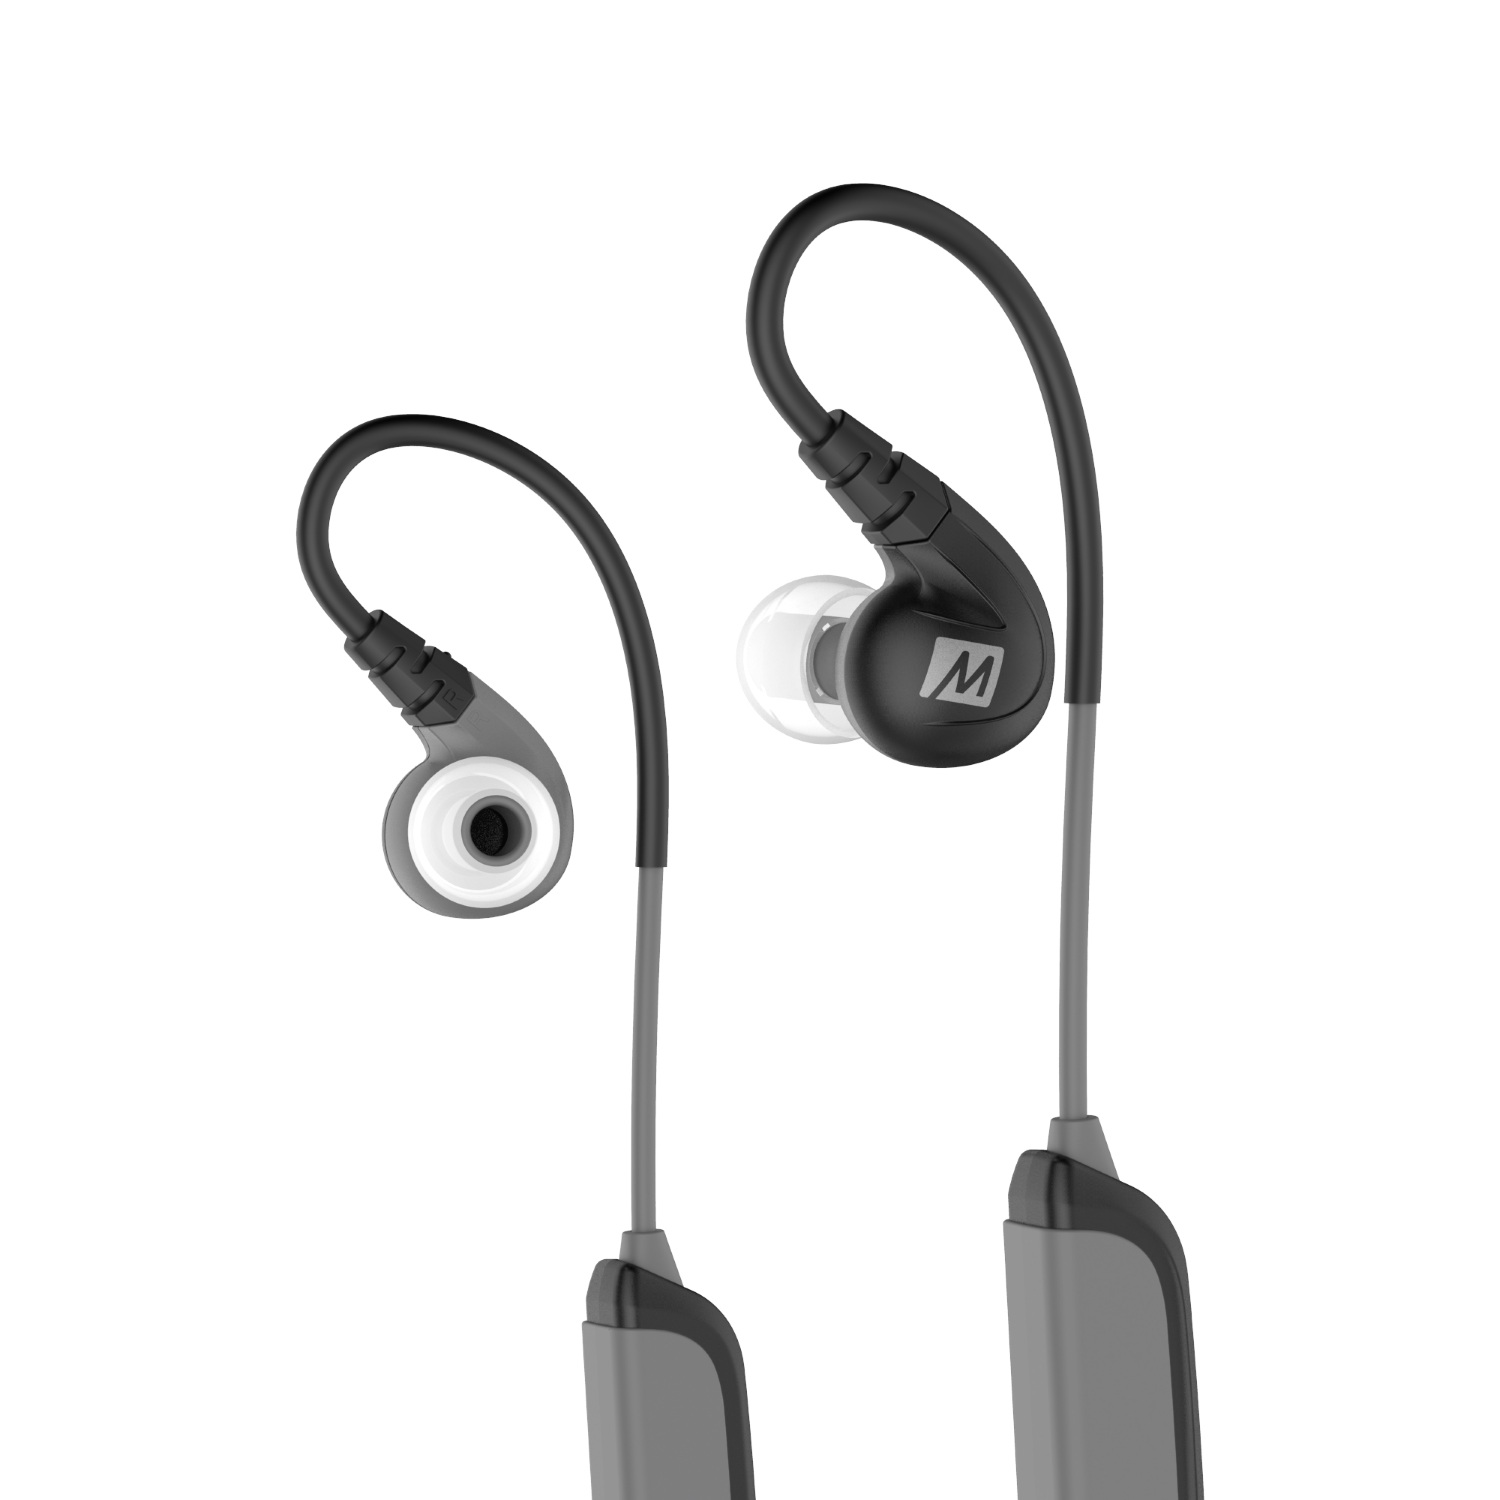 Беспроводные наушники MEE Audiо X8, серый, черный беспроводные наушники mee audiо n1 черный